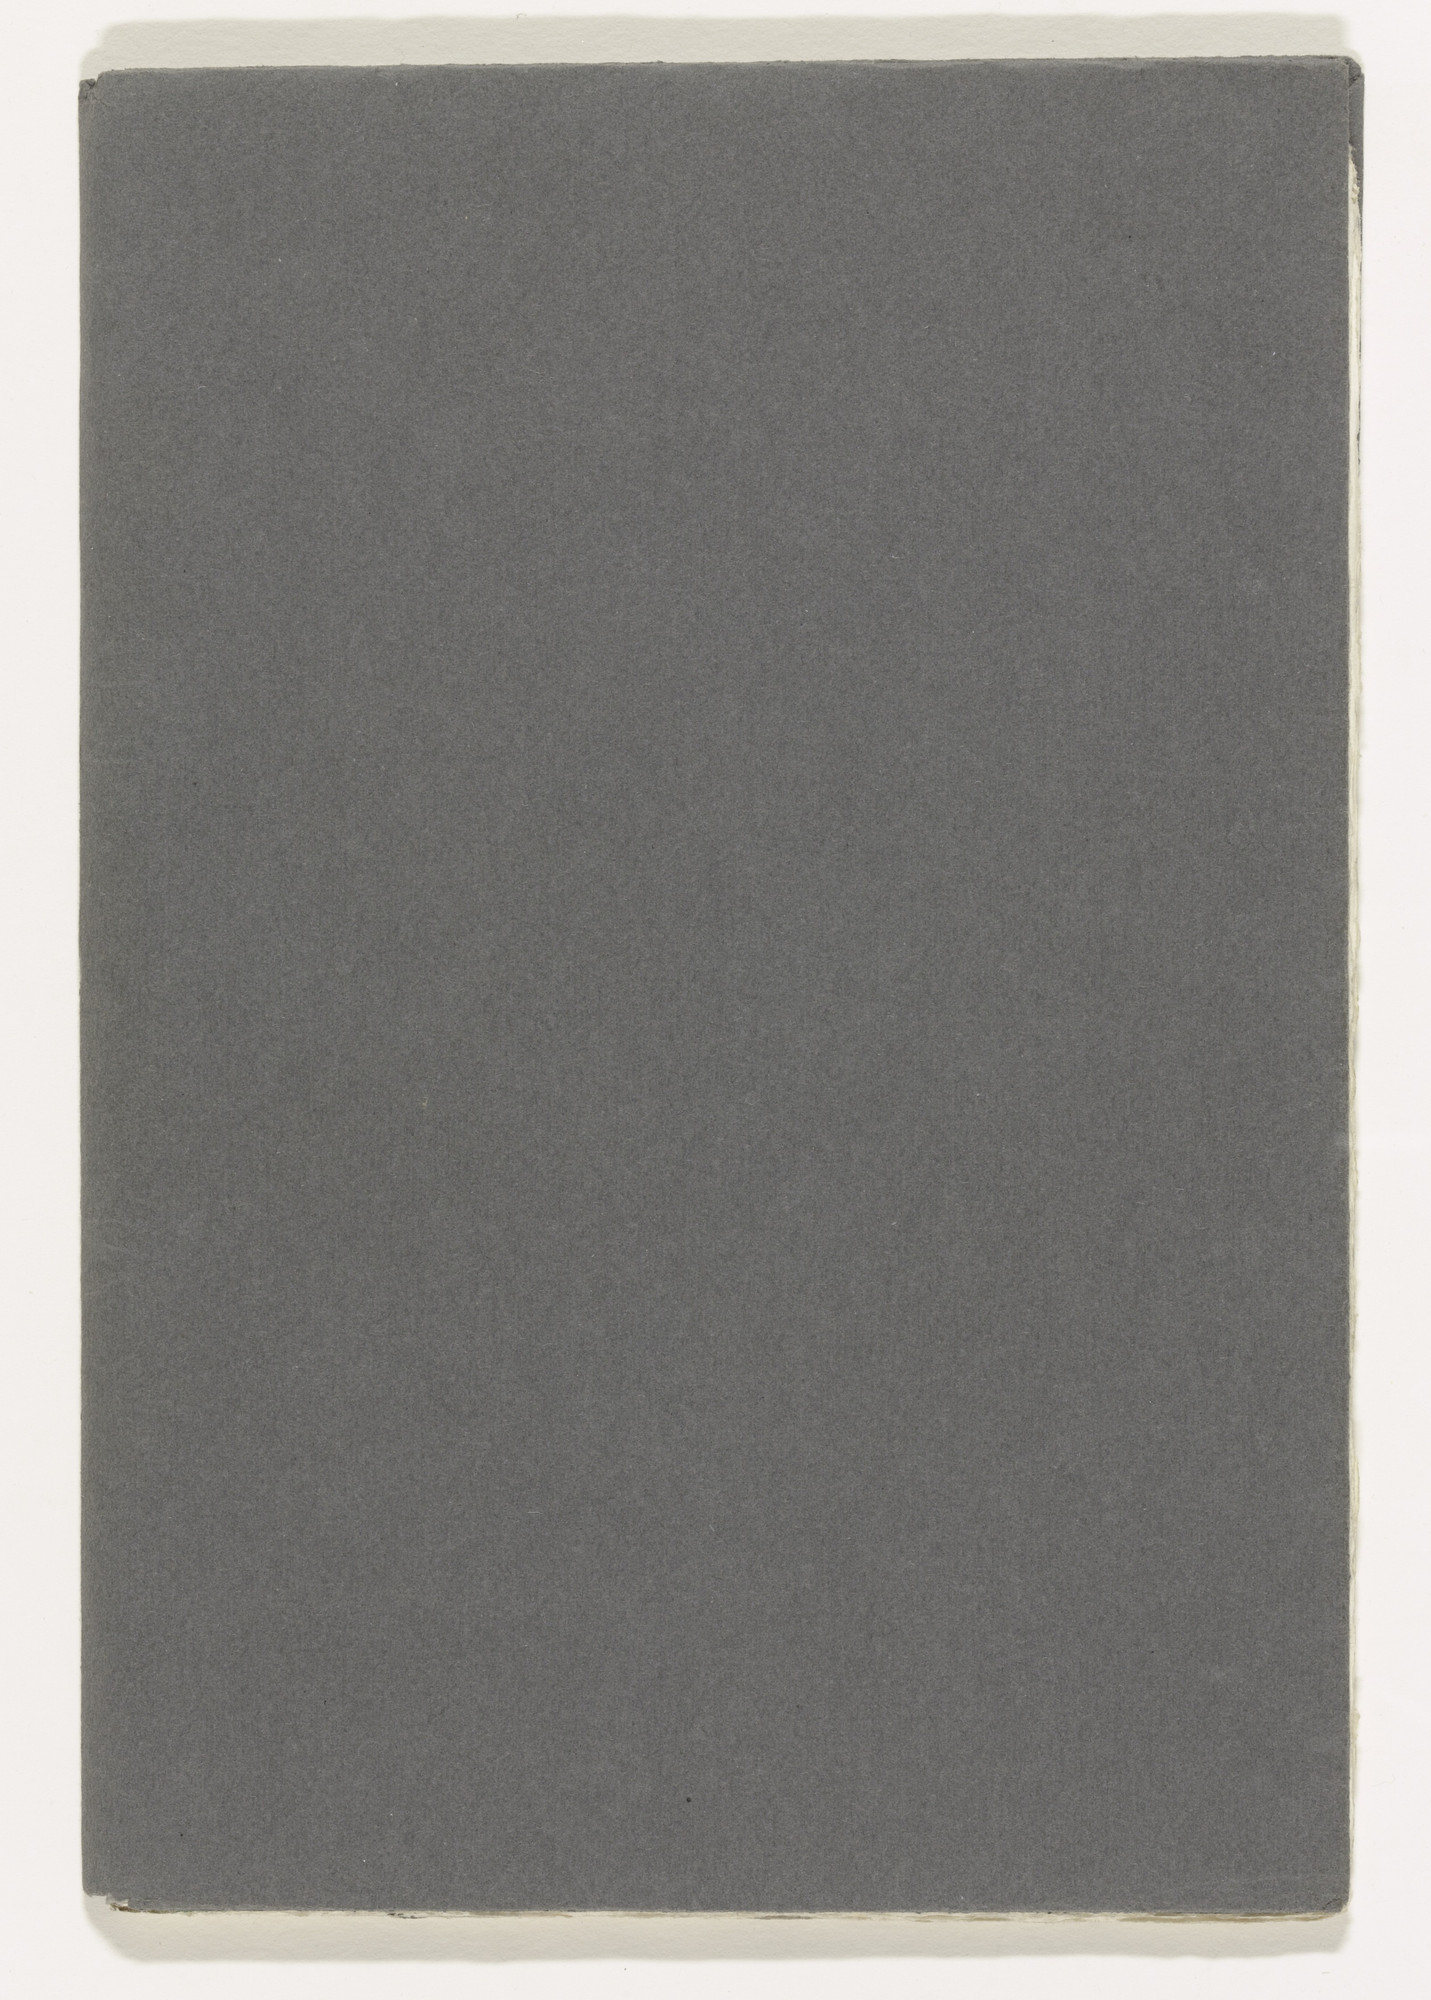 Pablo Picasso Divers Poemes Du Livre Ouvert 2e Serie 1941